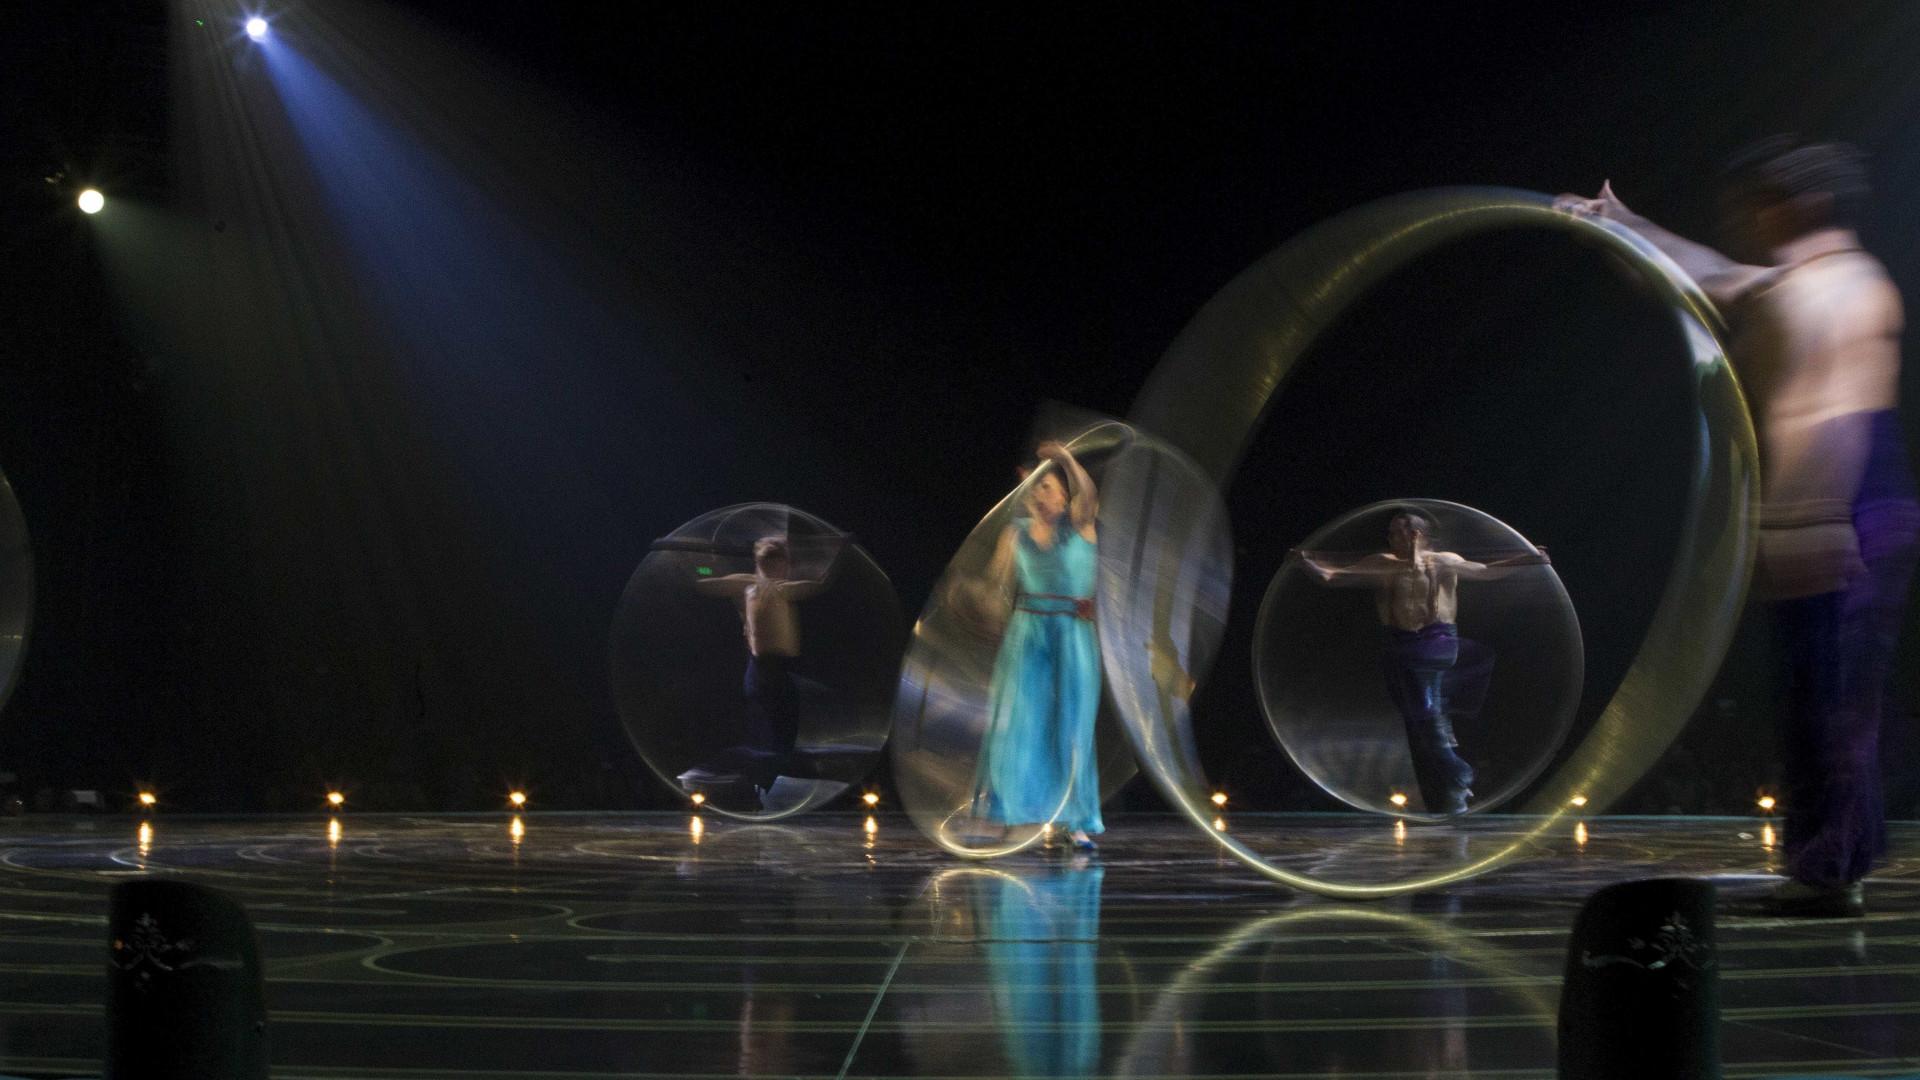 Técnico do Cirque du Soleil que morreu é filho de fundador do circo